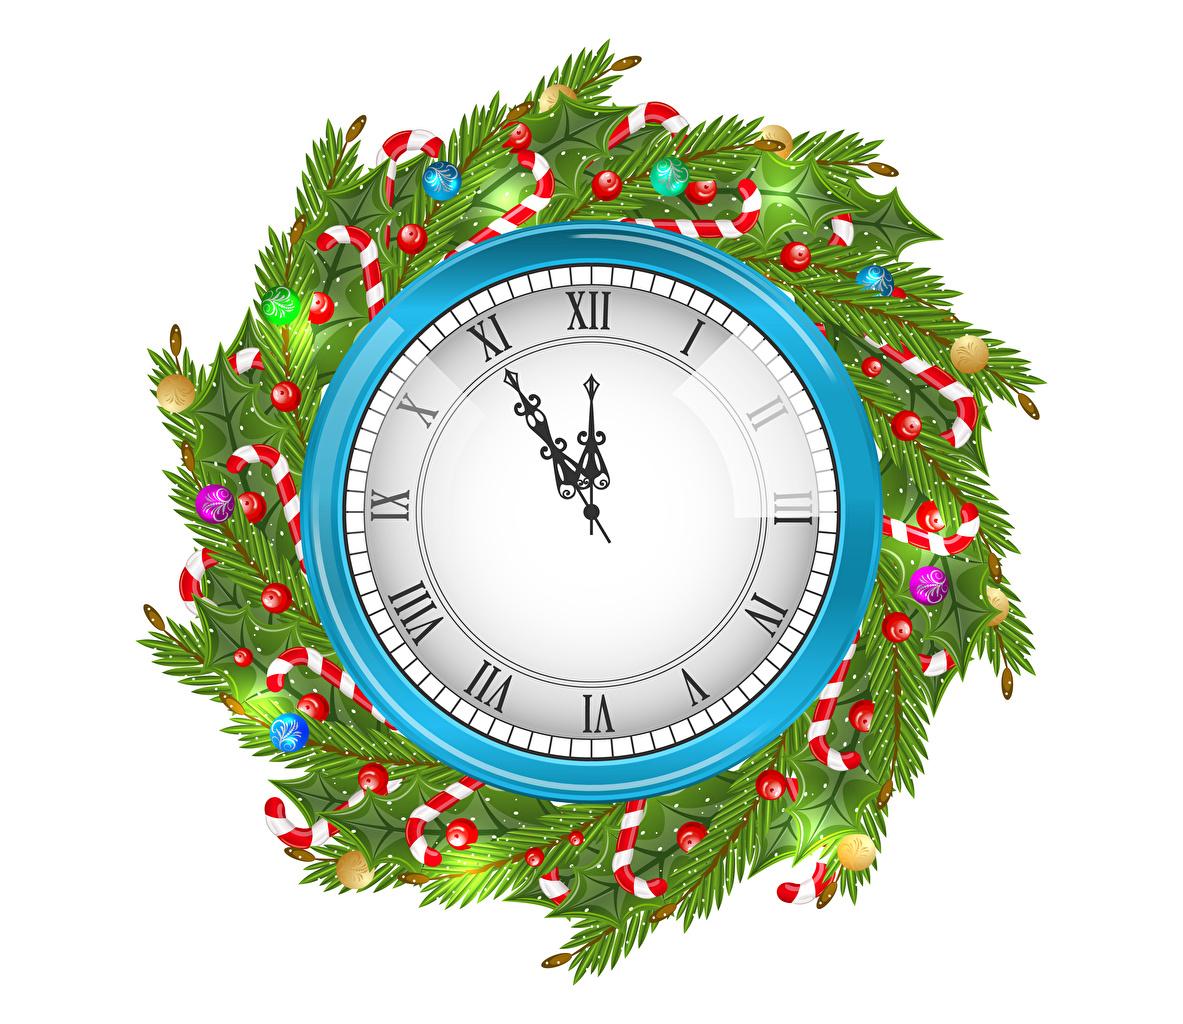 Фотографии Рождество Часы ветвь Шарики Циферблат белом фоне Новый год Шар ветка Ветки на ветке Белый фон белым фоном